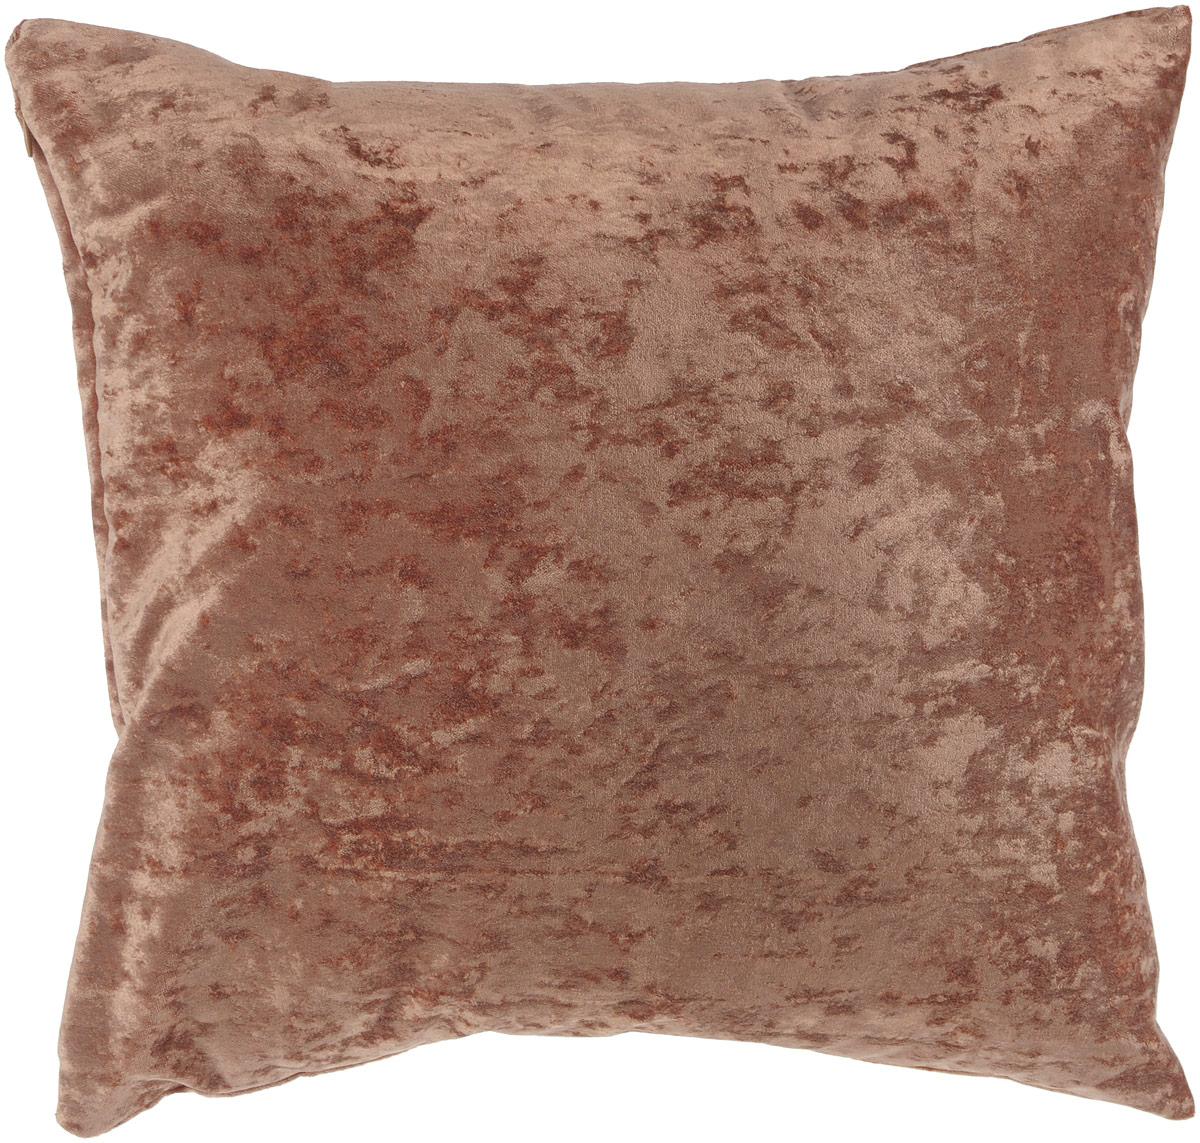 Подушка декоративная KauffOrt Бархат, цвет: коричневый, 40 x 40 см3121039638Декоративная подушка Бархат прекрасно дополнит интерьер спальни или гостиной. Бархатистый на ощупь чехол подушки выполнен из 49% вискозы, 42% хлопка и 9% полиэстера. Внутри находится мягкий наполнитель. Чехол легко снимается благодаря потайной молнии. Красивая подушка создаст атмосферу уюта и комфорта в спальне и станет прекрасным элементом декора.